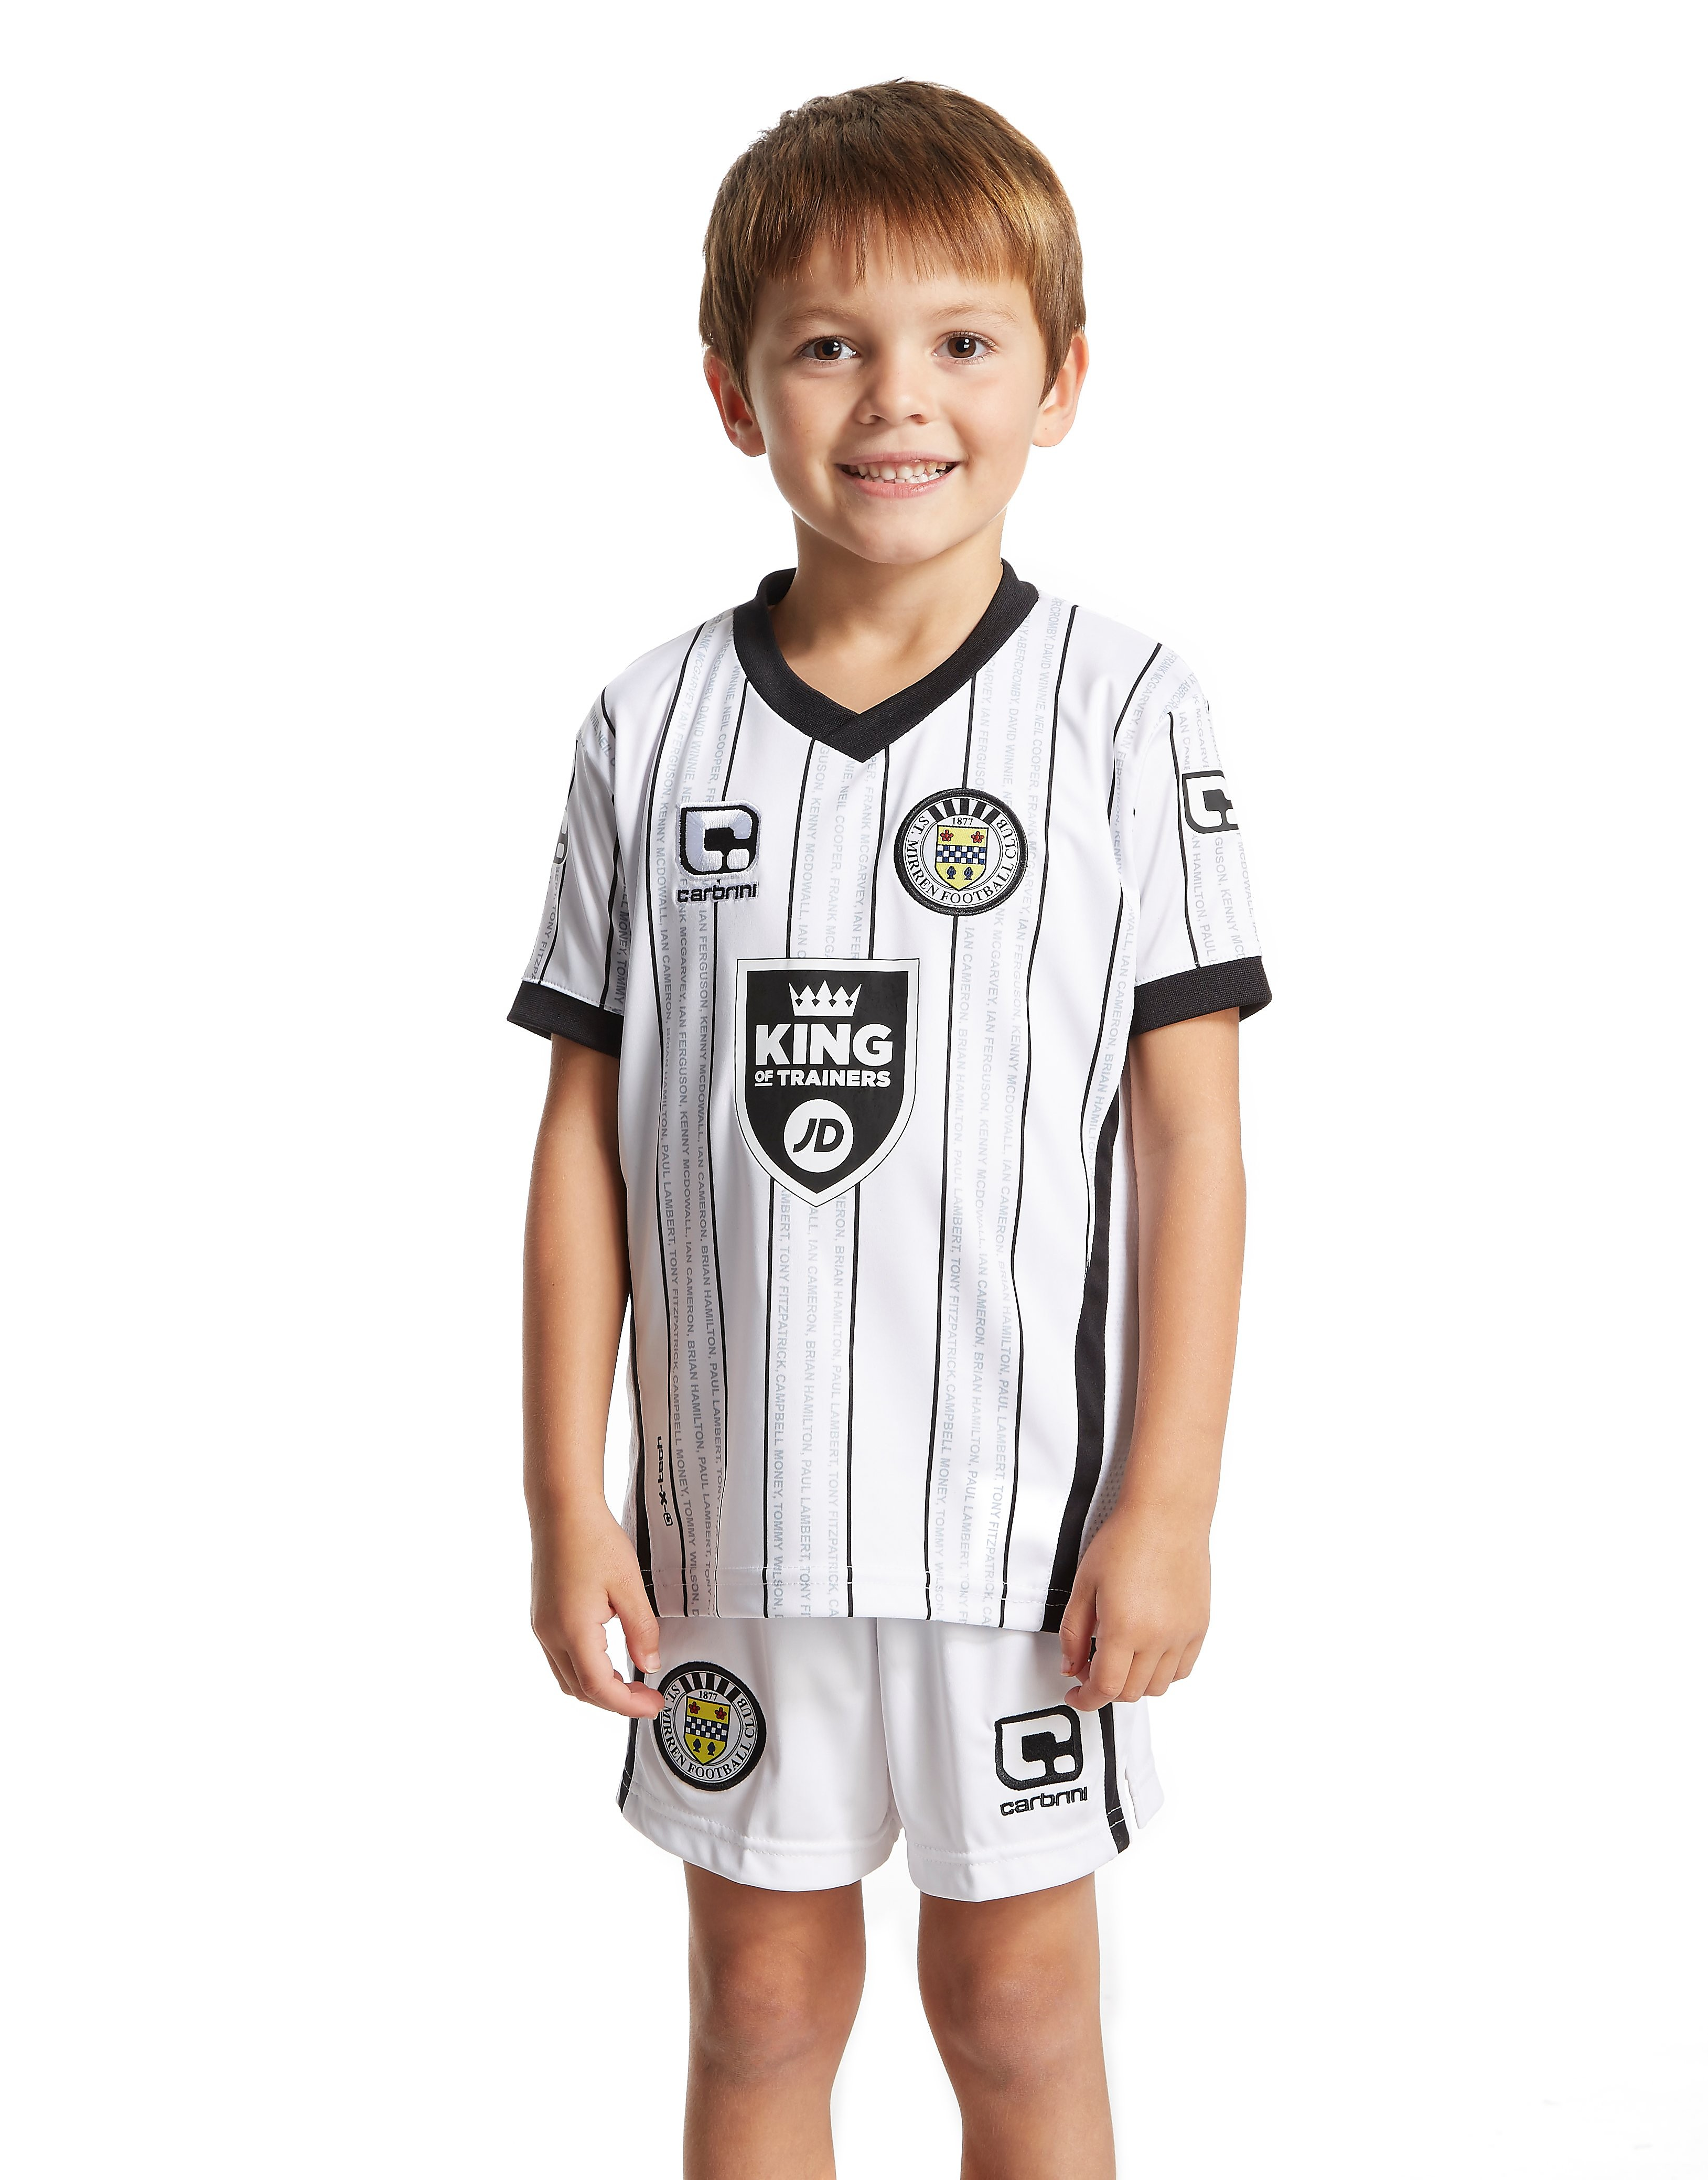 Carbrini St Mirren FC 2016/17 Home Kit Children